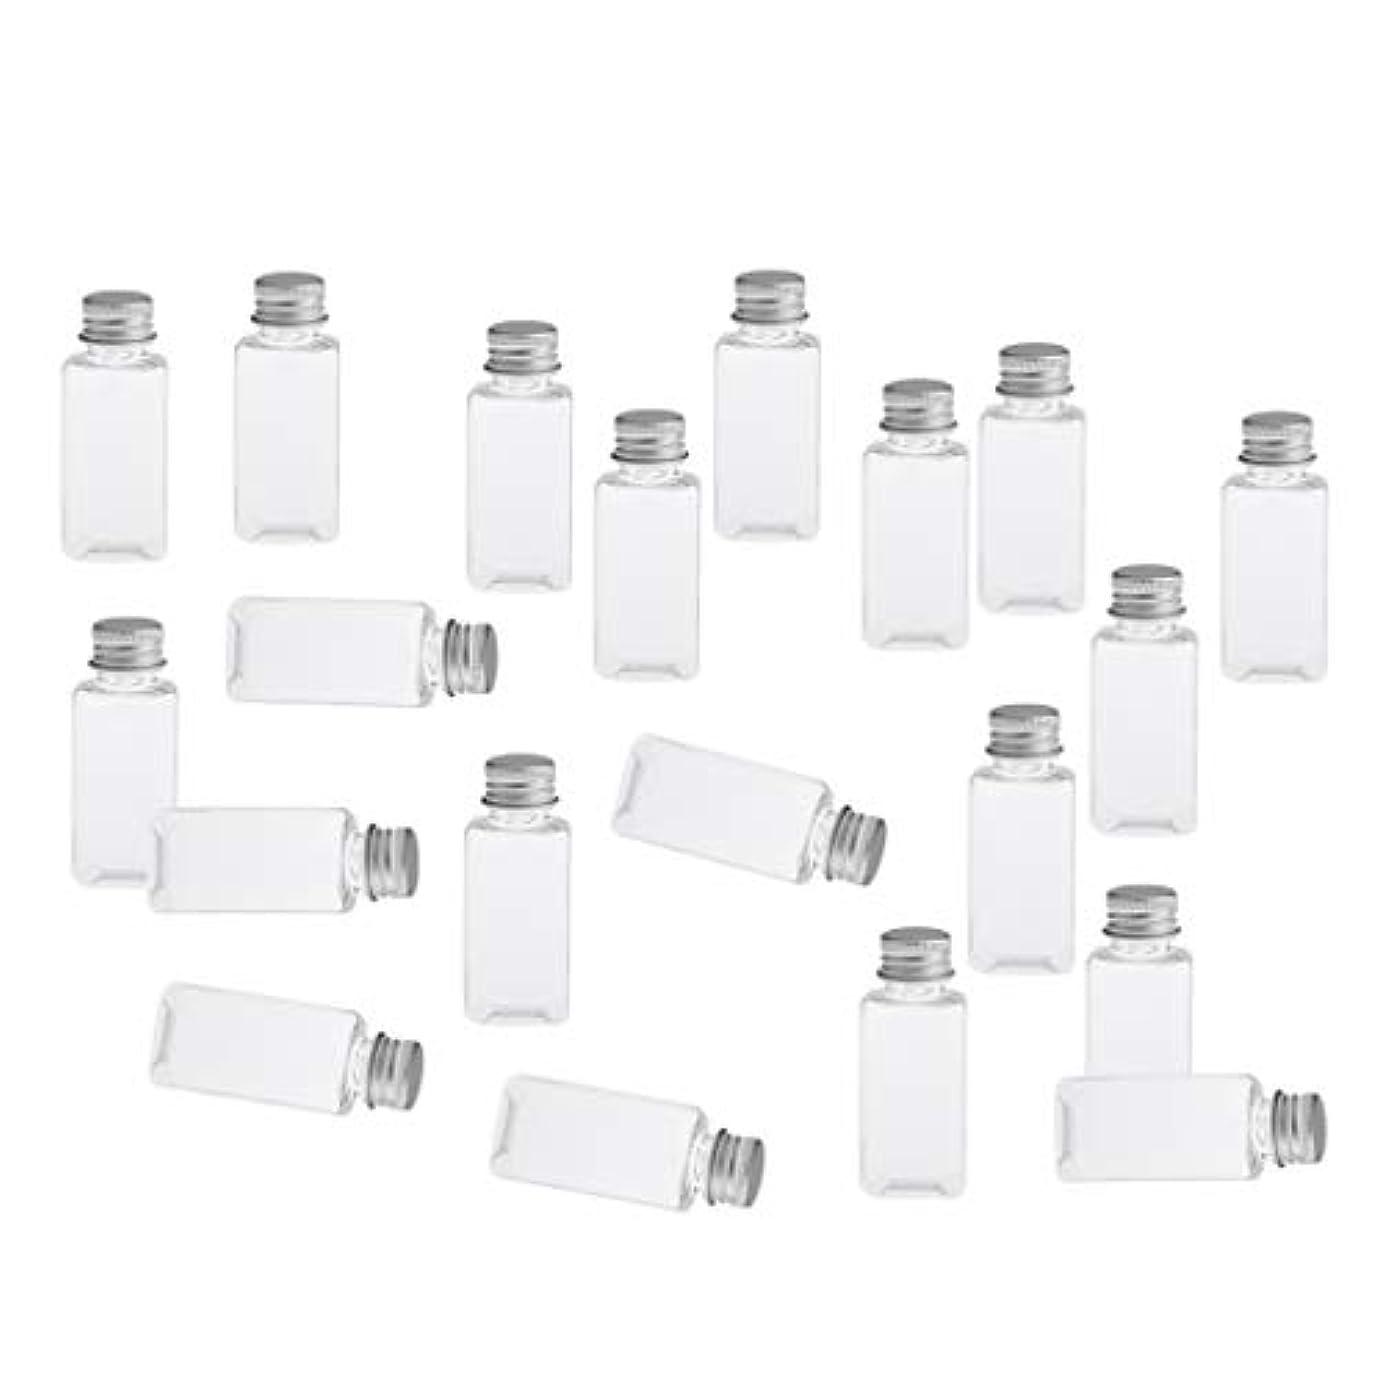 下向きマラウイ苦悩全8色 PETボトル 空のボトル 小分け用 化粧品 香水 エッセンシャルオイル 漏れ防止 約20個 - クリアシルバー